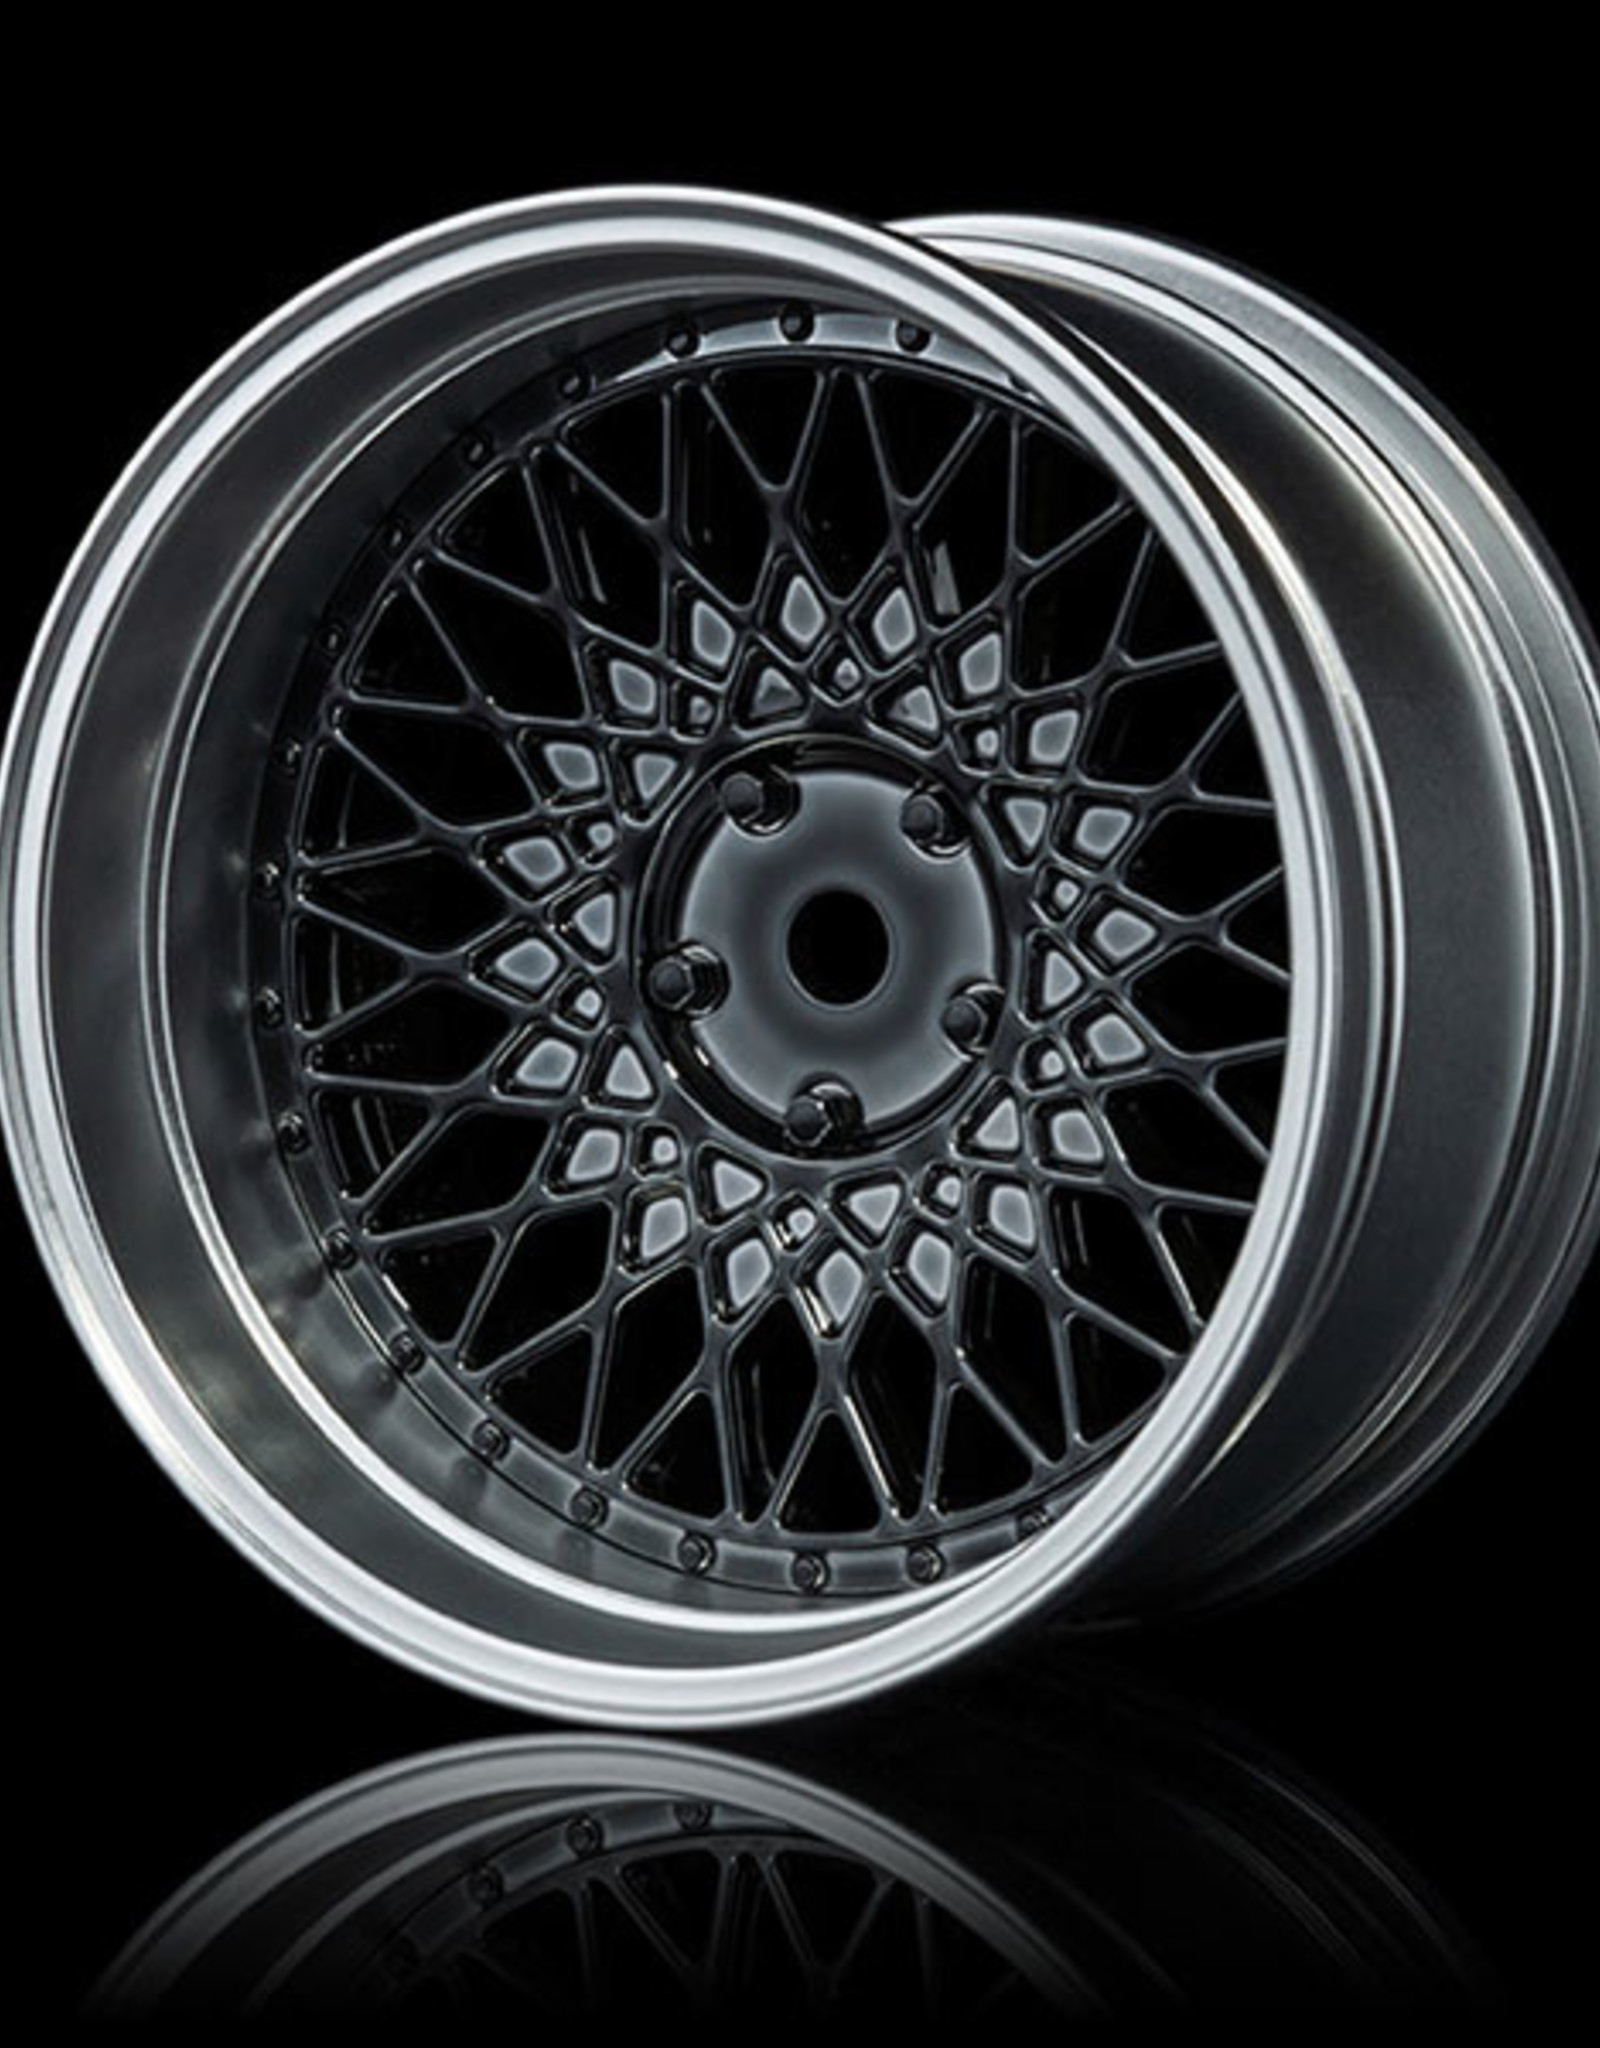 MST 501 Offset Changeable Wheel (4pcs.) by MST SBK-FS